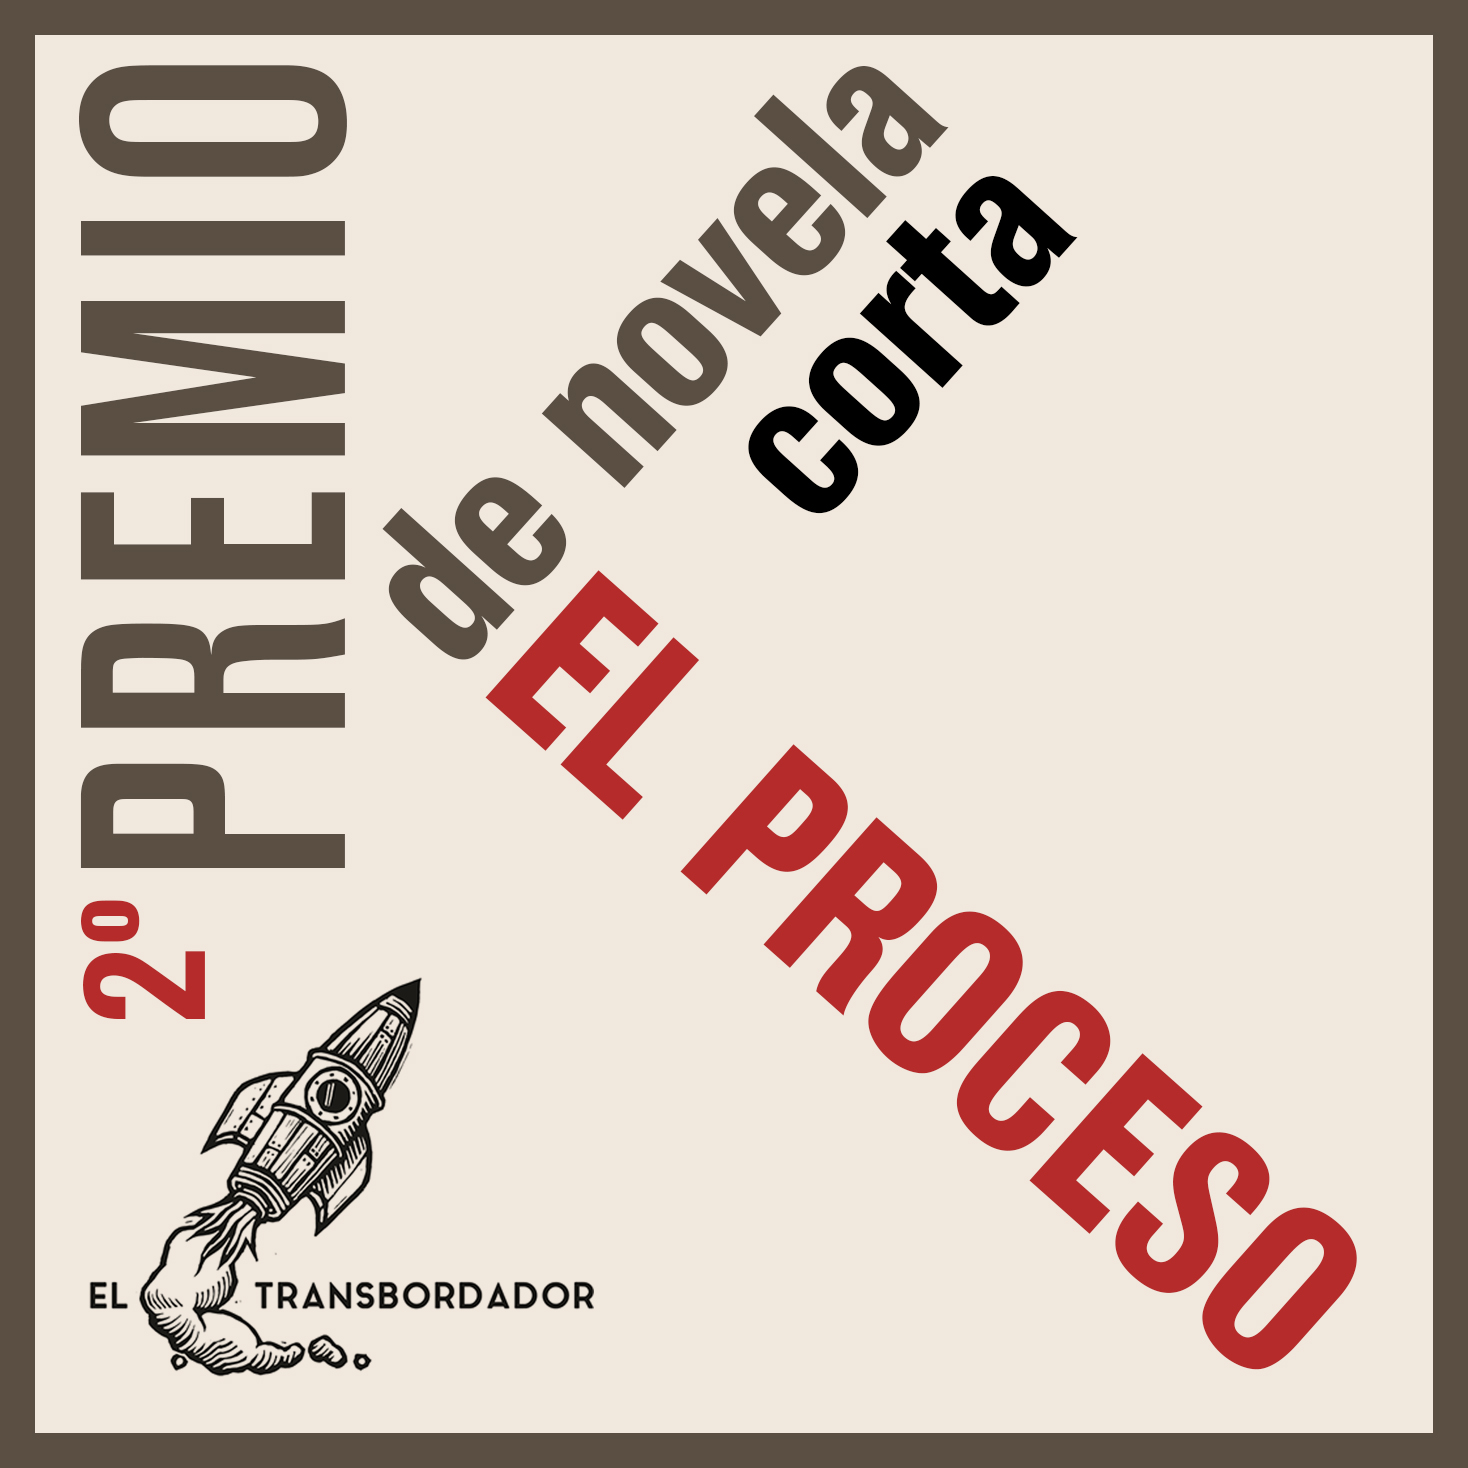 II PREMIO DE NOVELA CORTA EL PROCESO